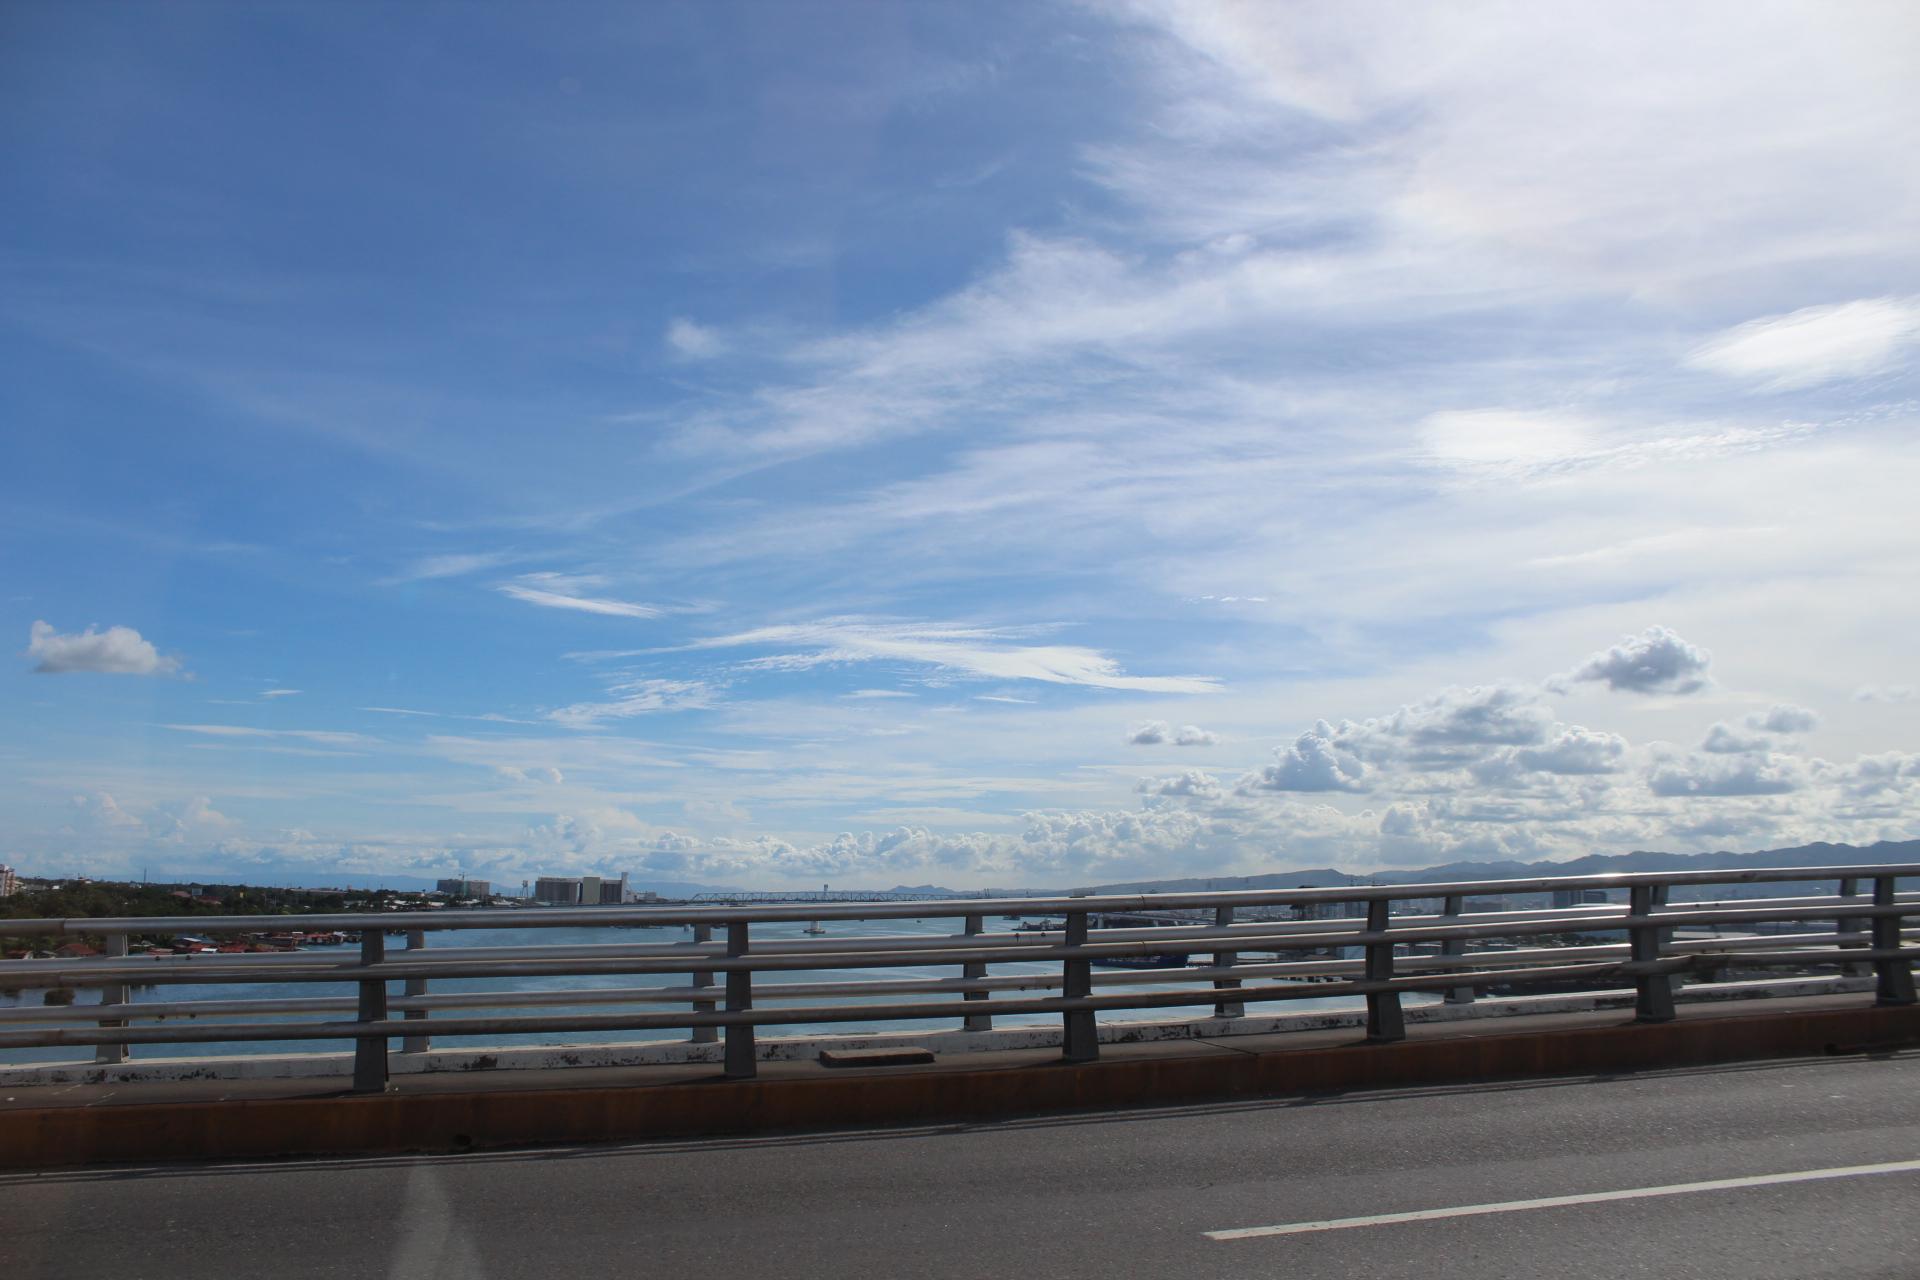 マクタン島からセブ本島へ向かう橋の上